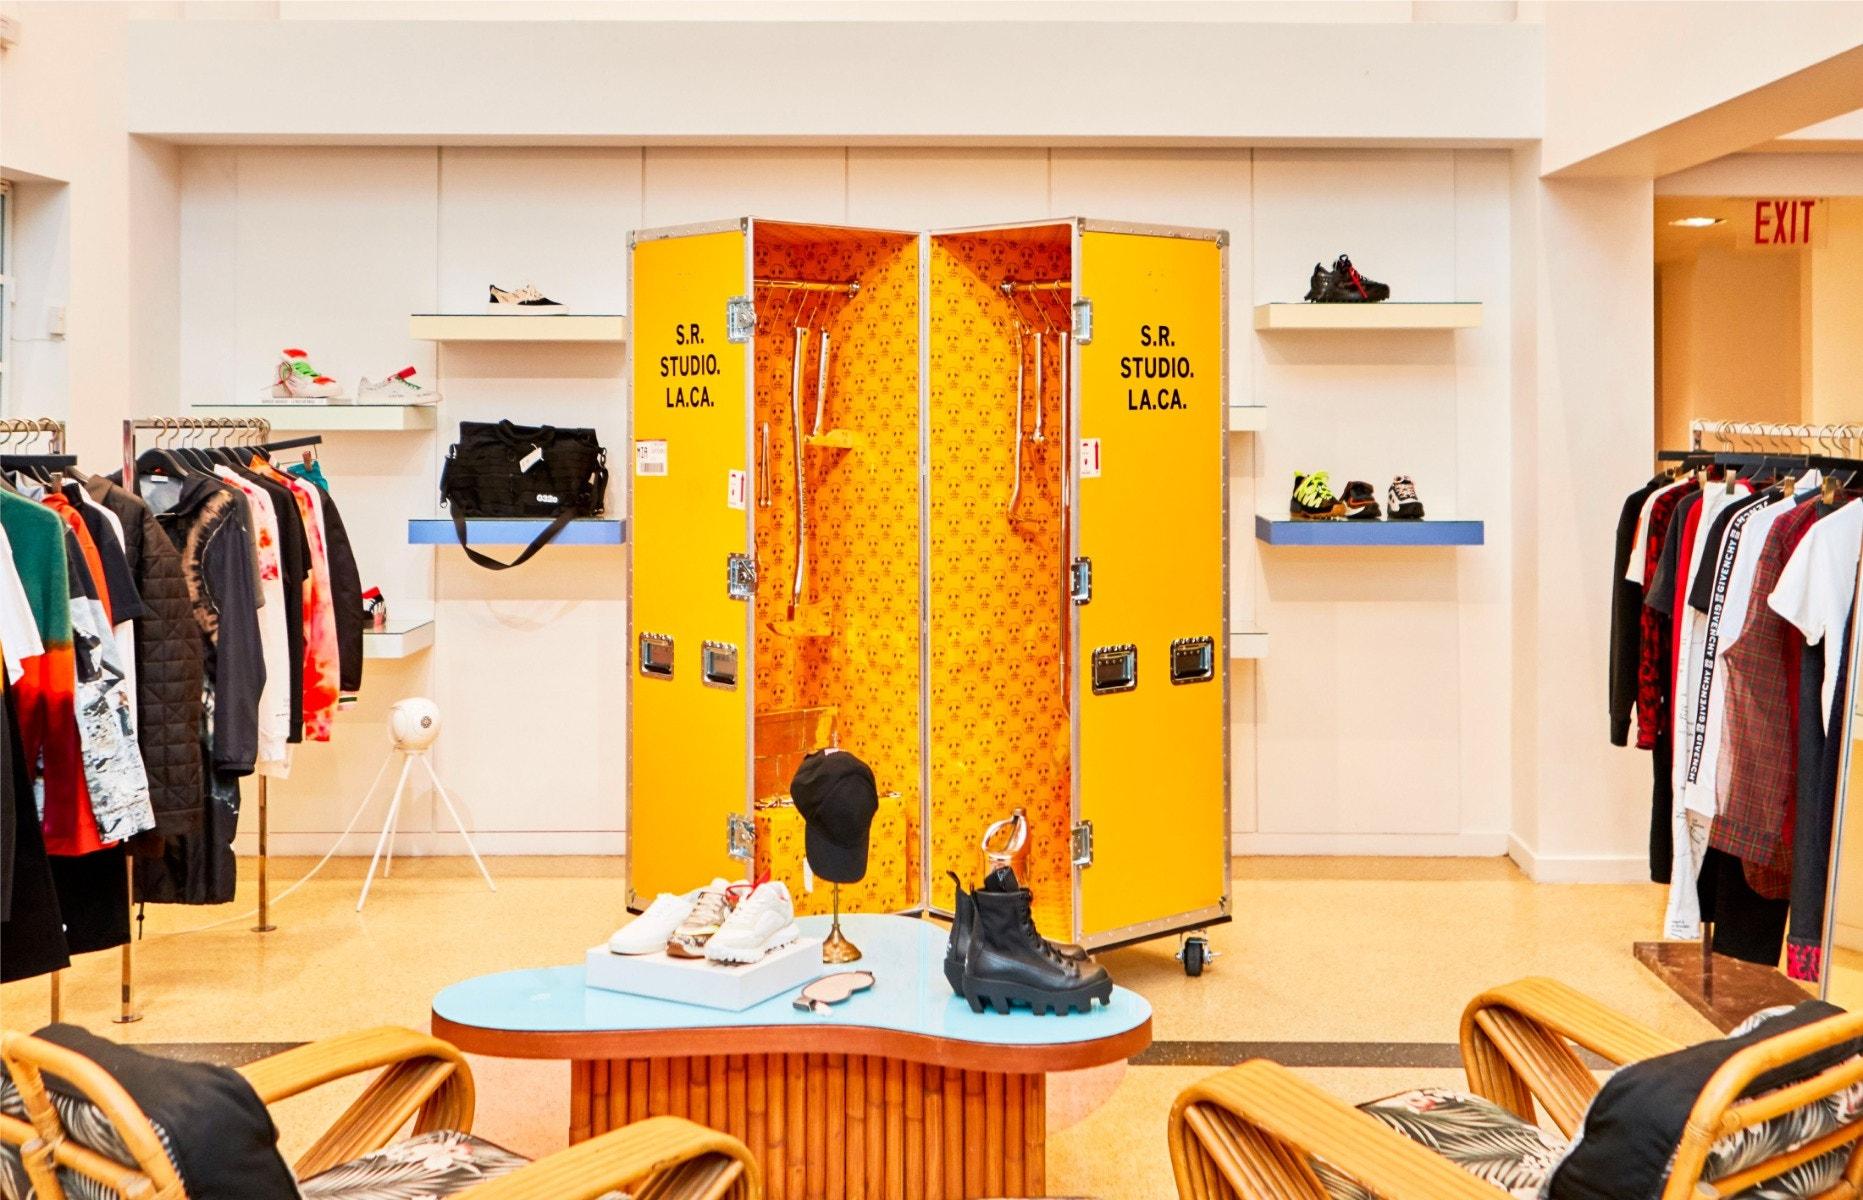 Shop S.R. Studio. La. Ca